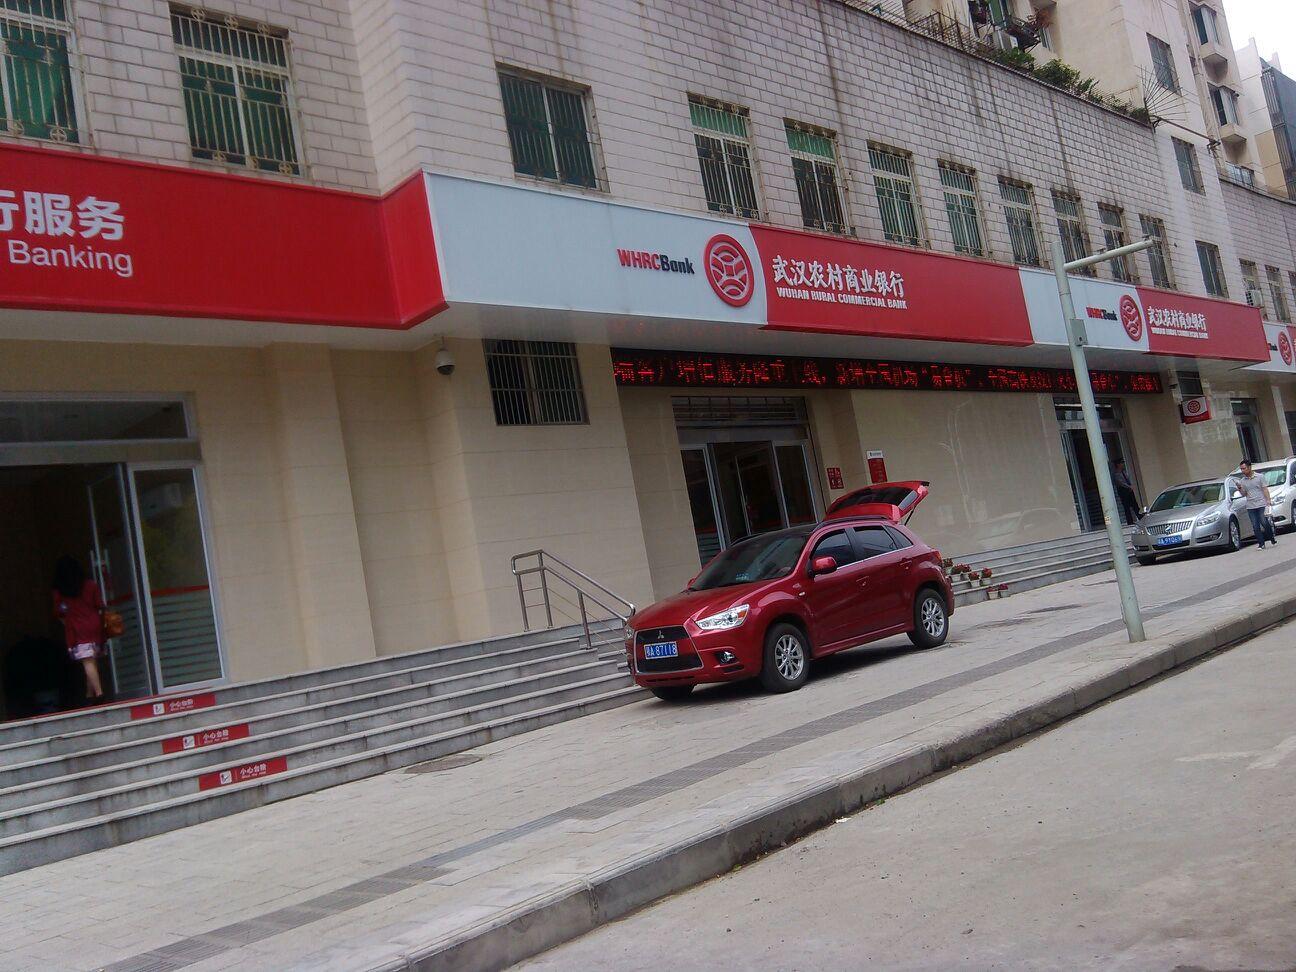 武汉商业银行_武汉农村商业银行